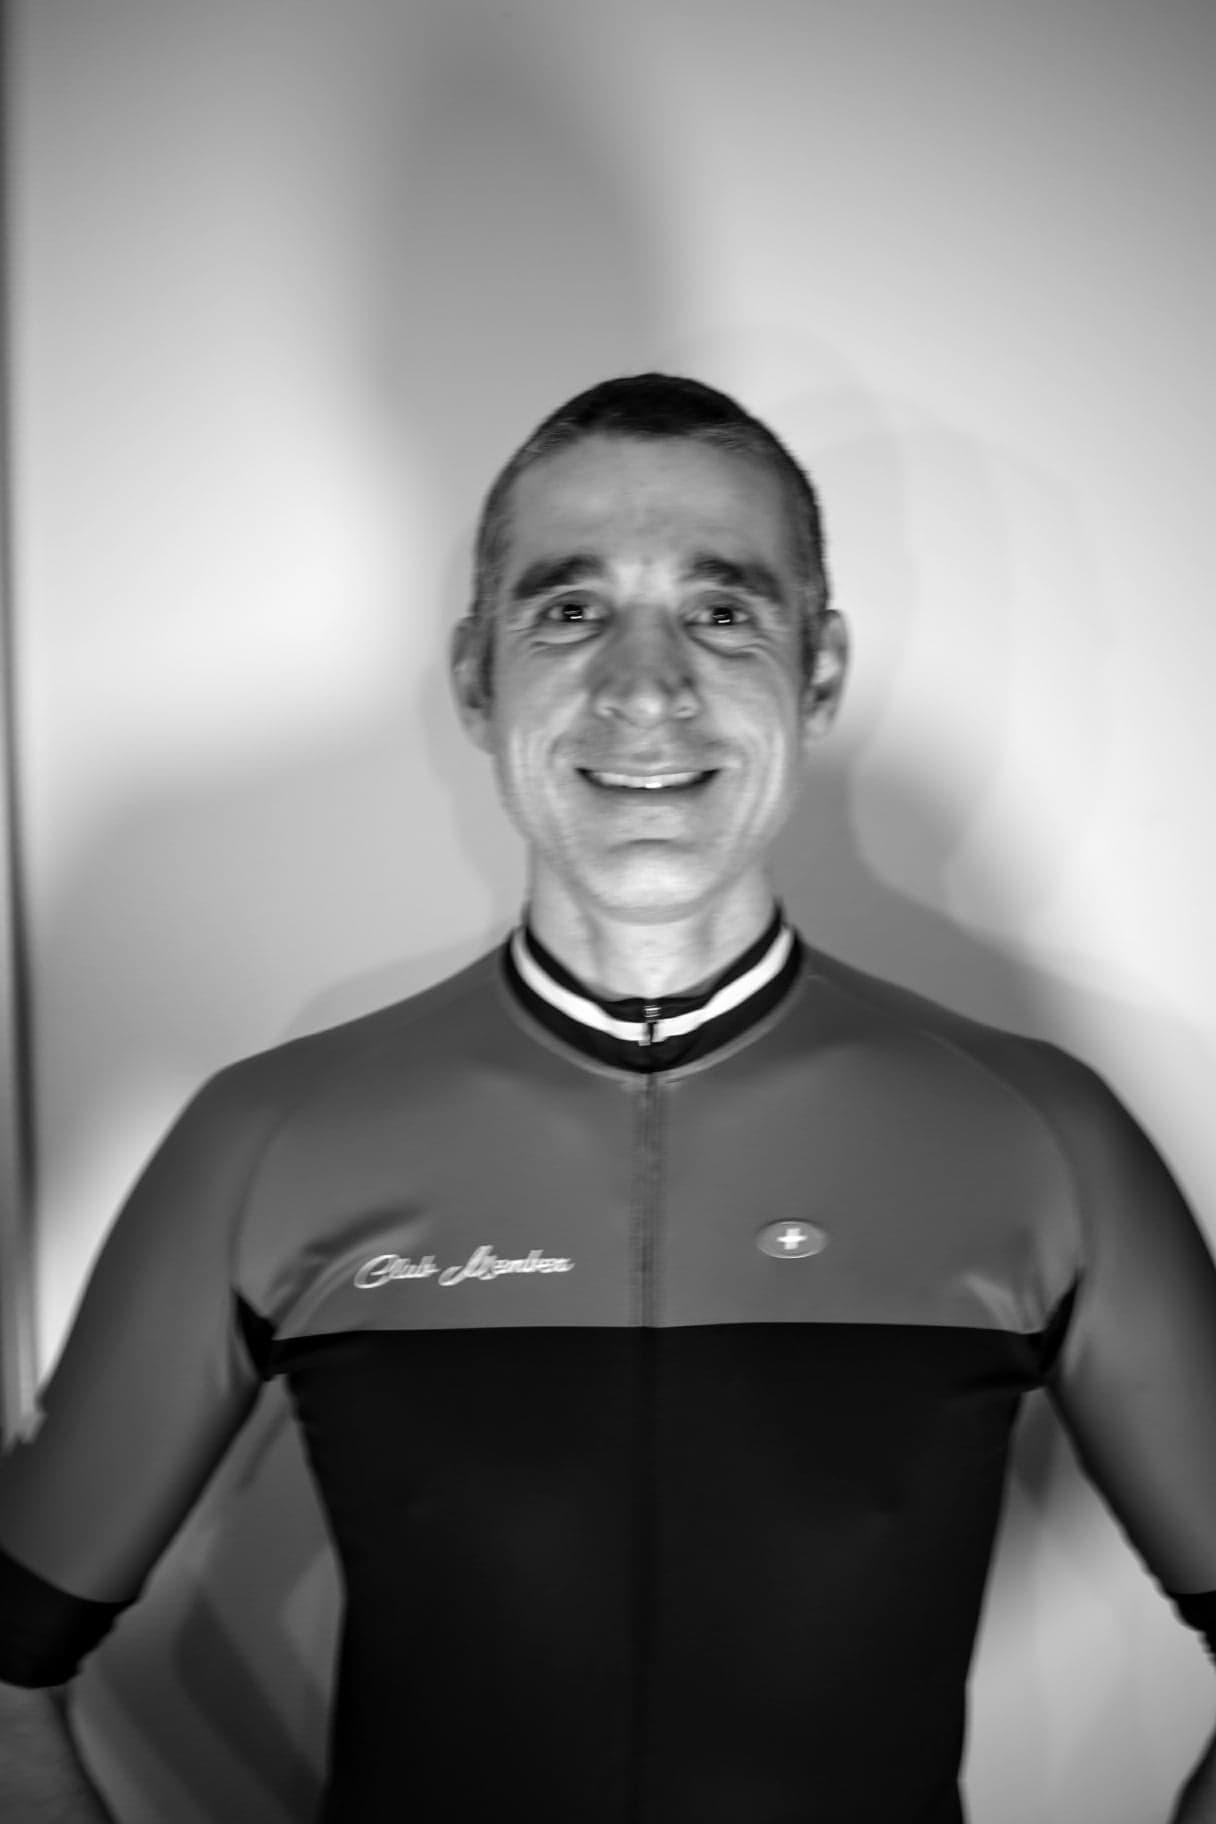 Raoul Wymann - Ride Leader: 4 years